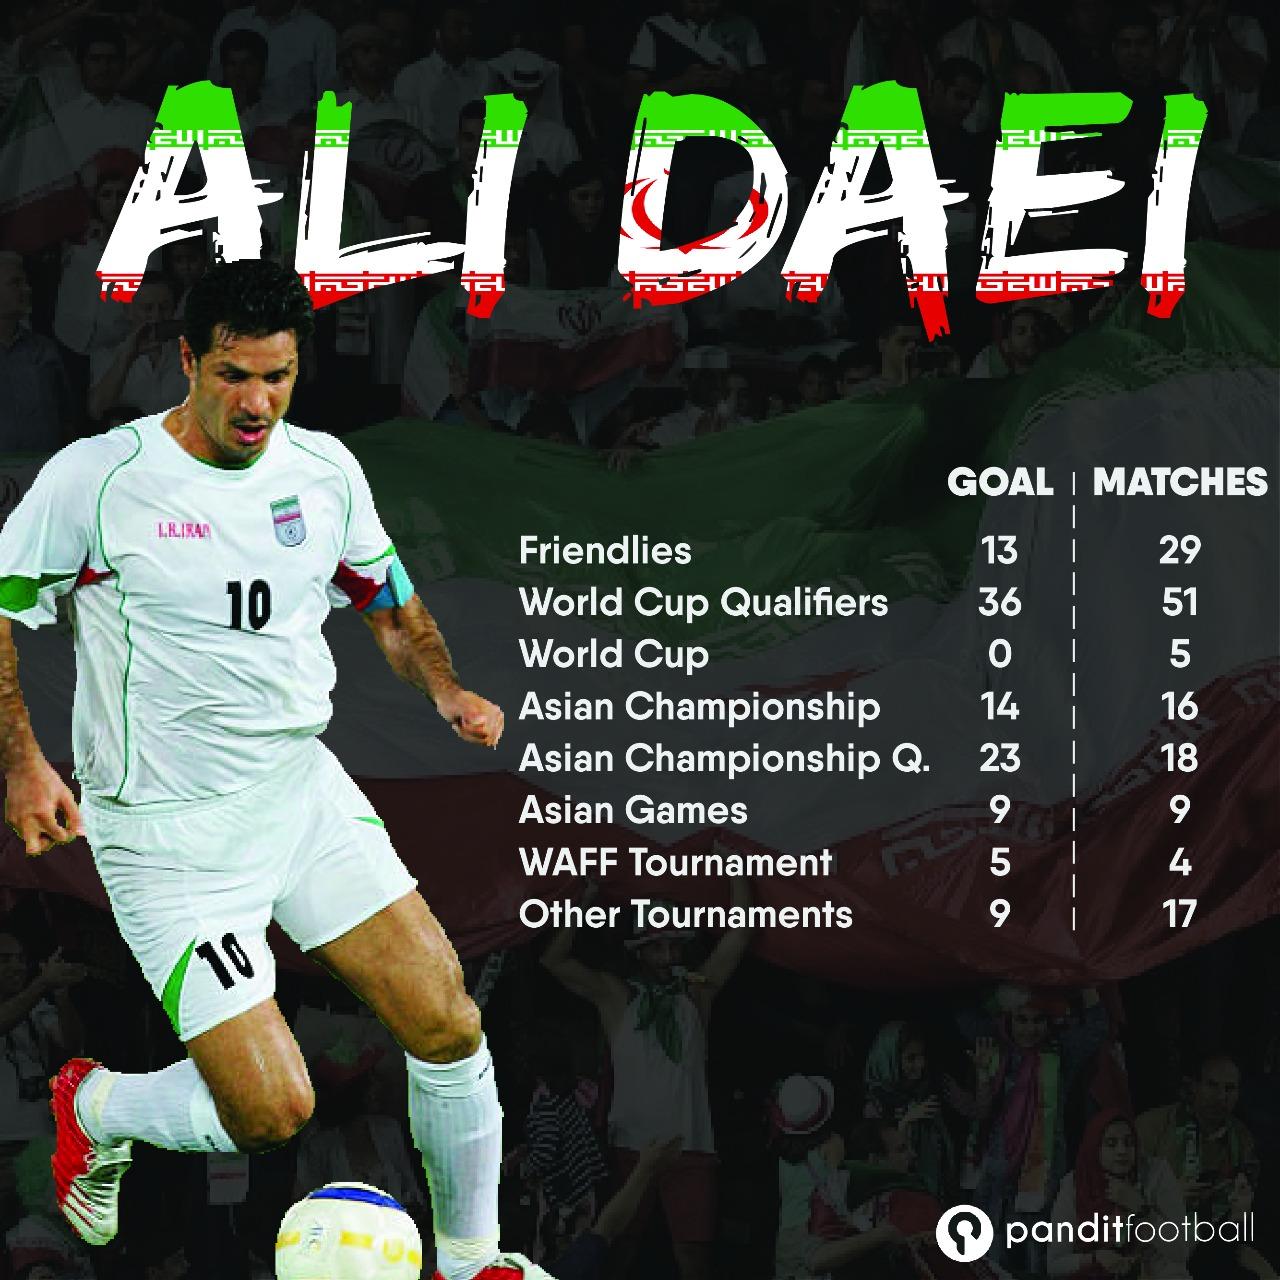 Ali Daei Pencetak Gol Terbanyak Sepanjang Masa